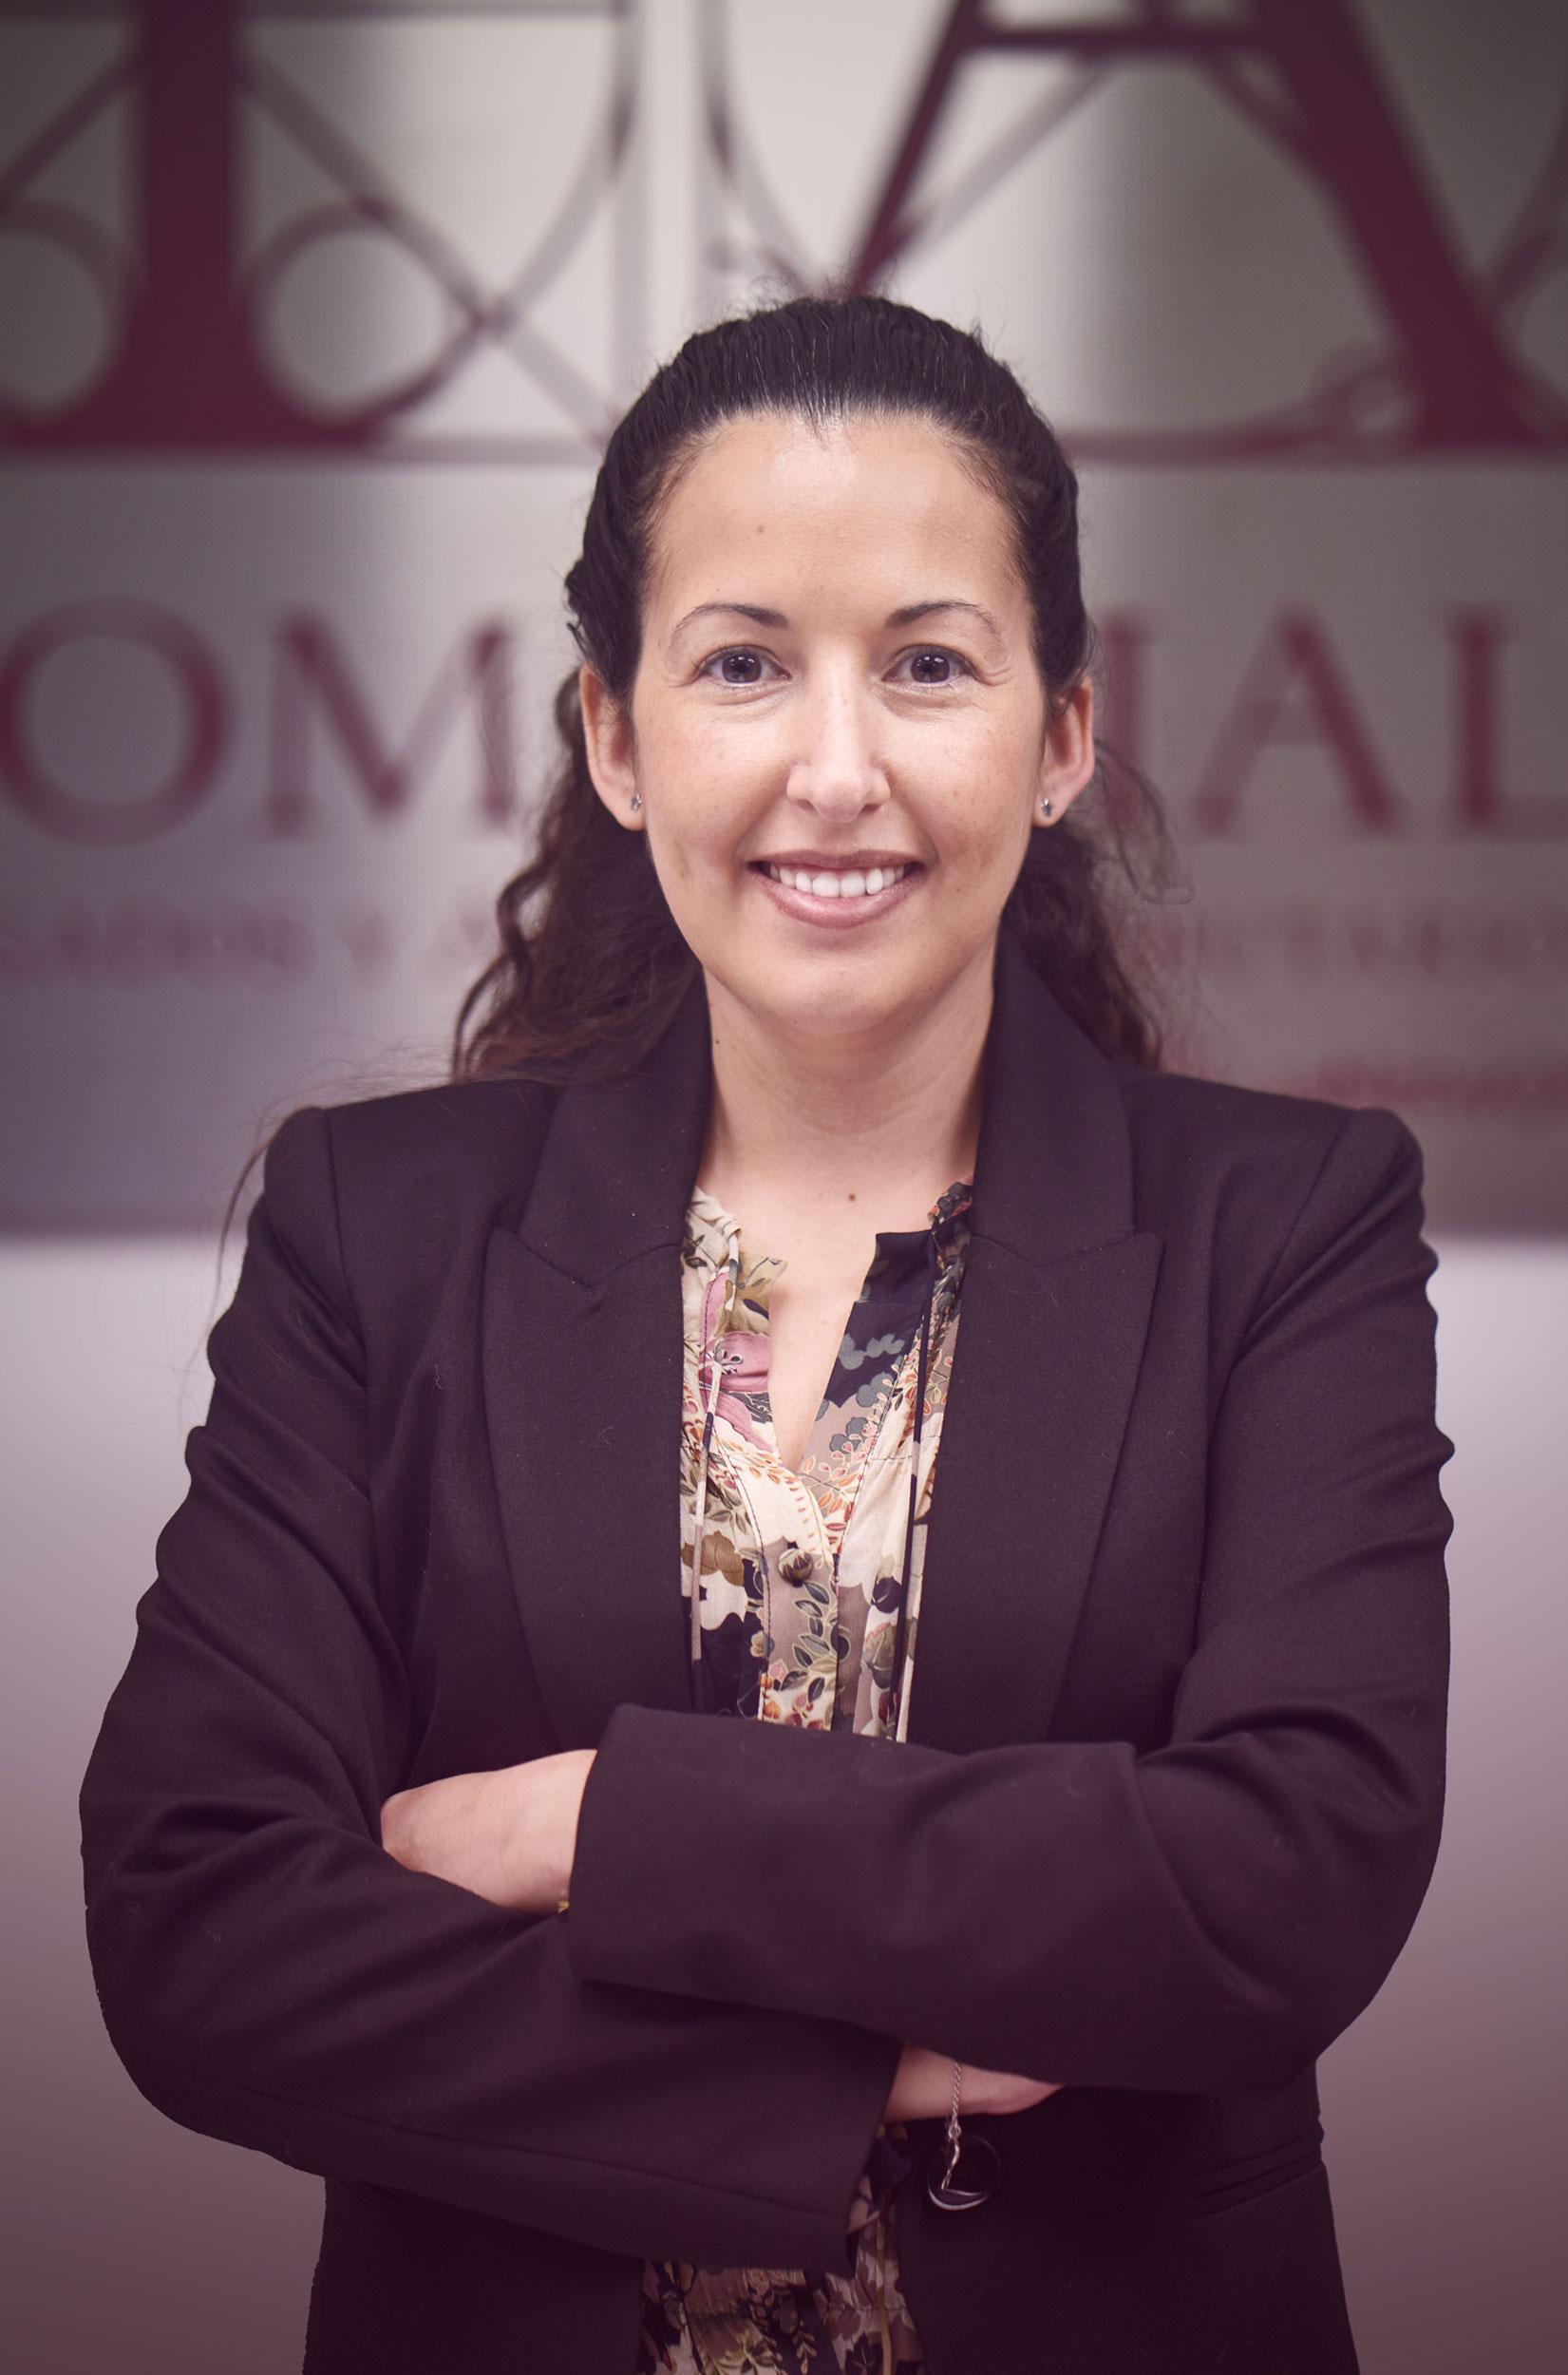 Mª Teresa García Molina